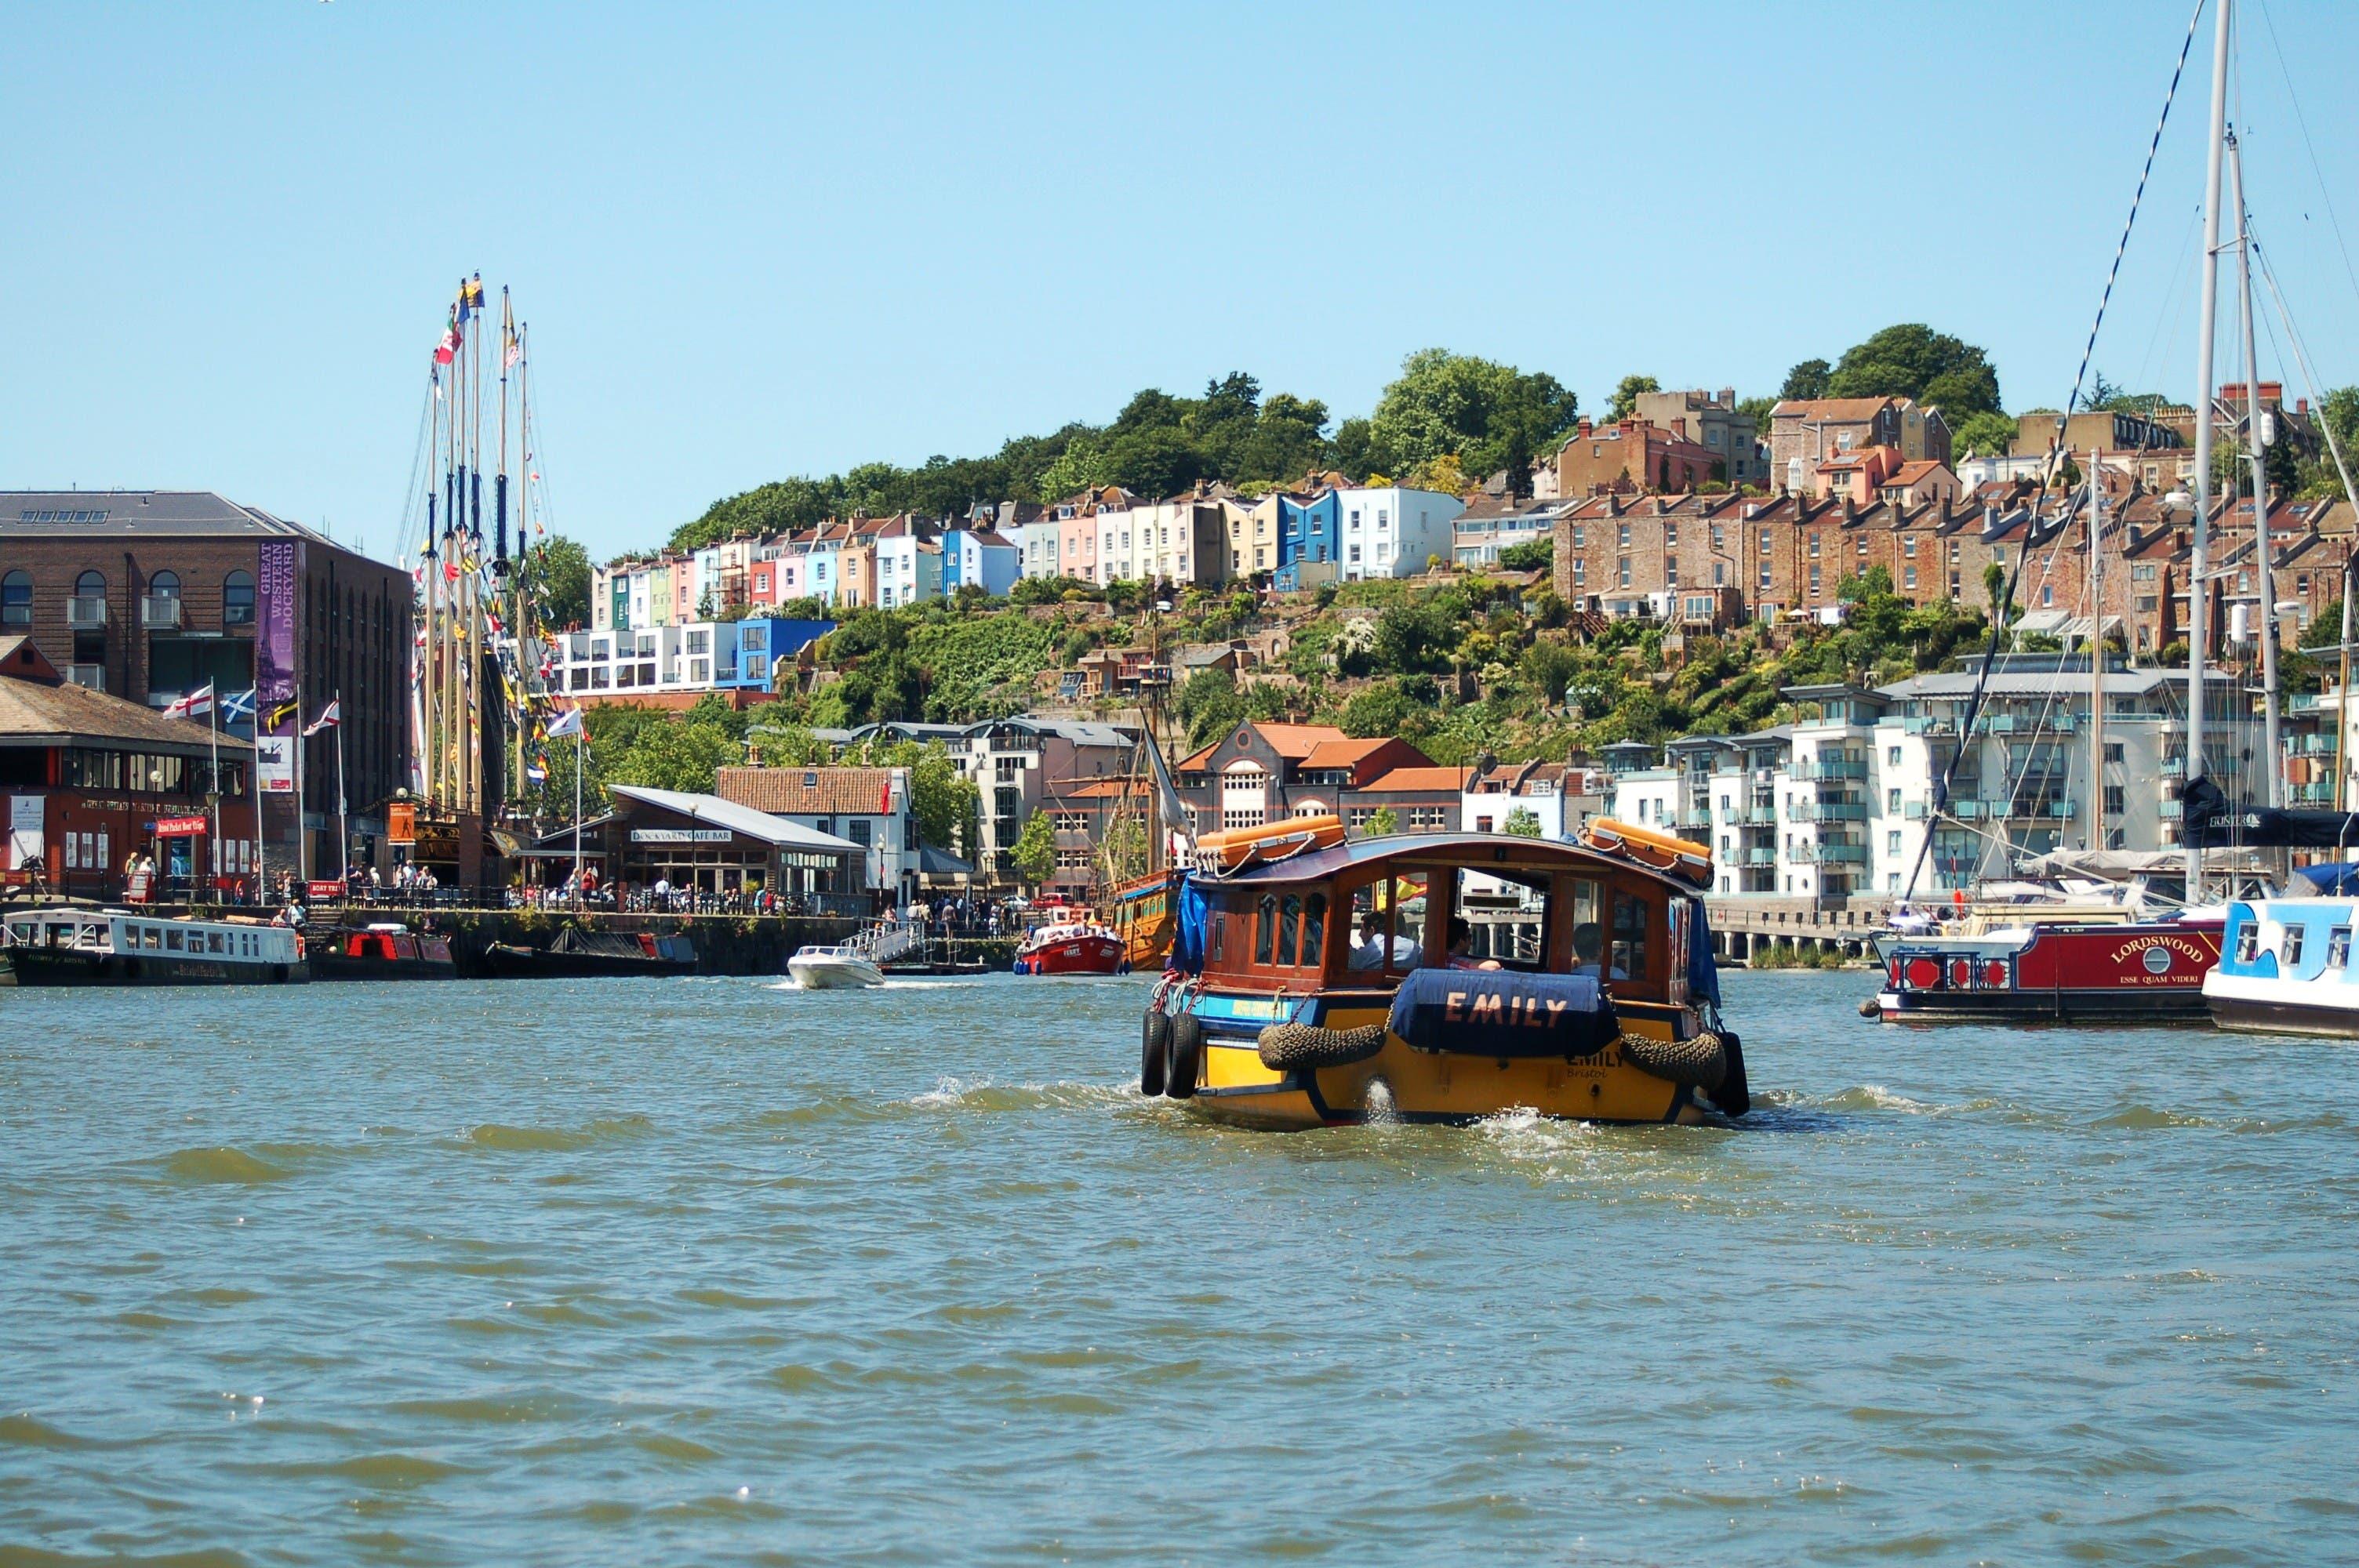 In Bristols Fährhafen.